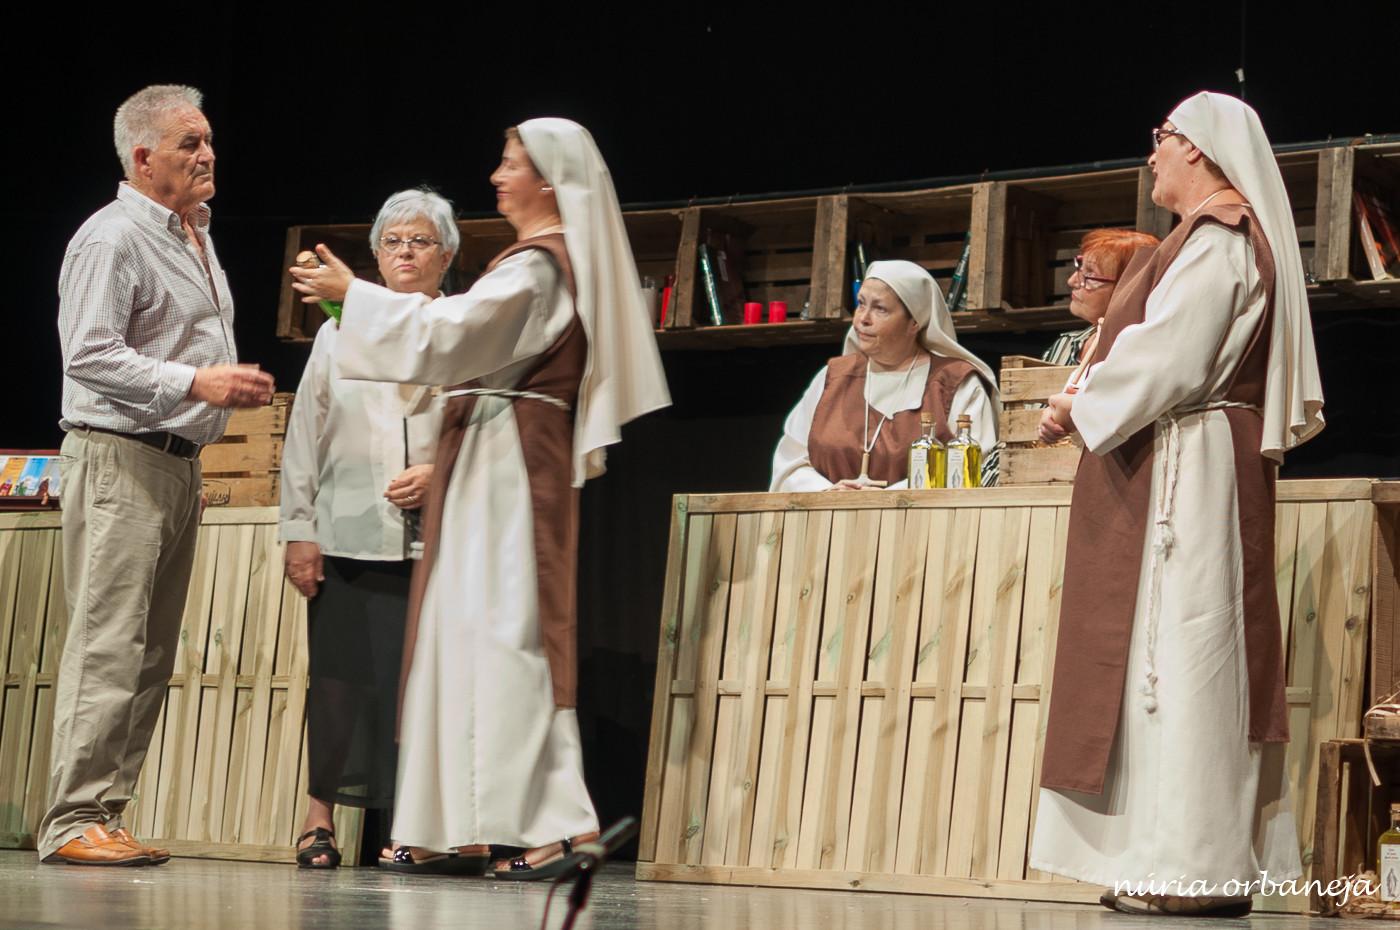 Milagro en el convento (27).jpg